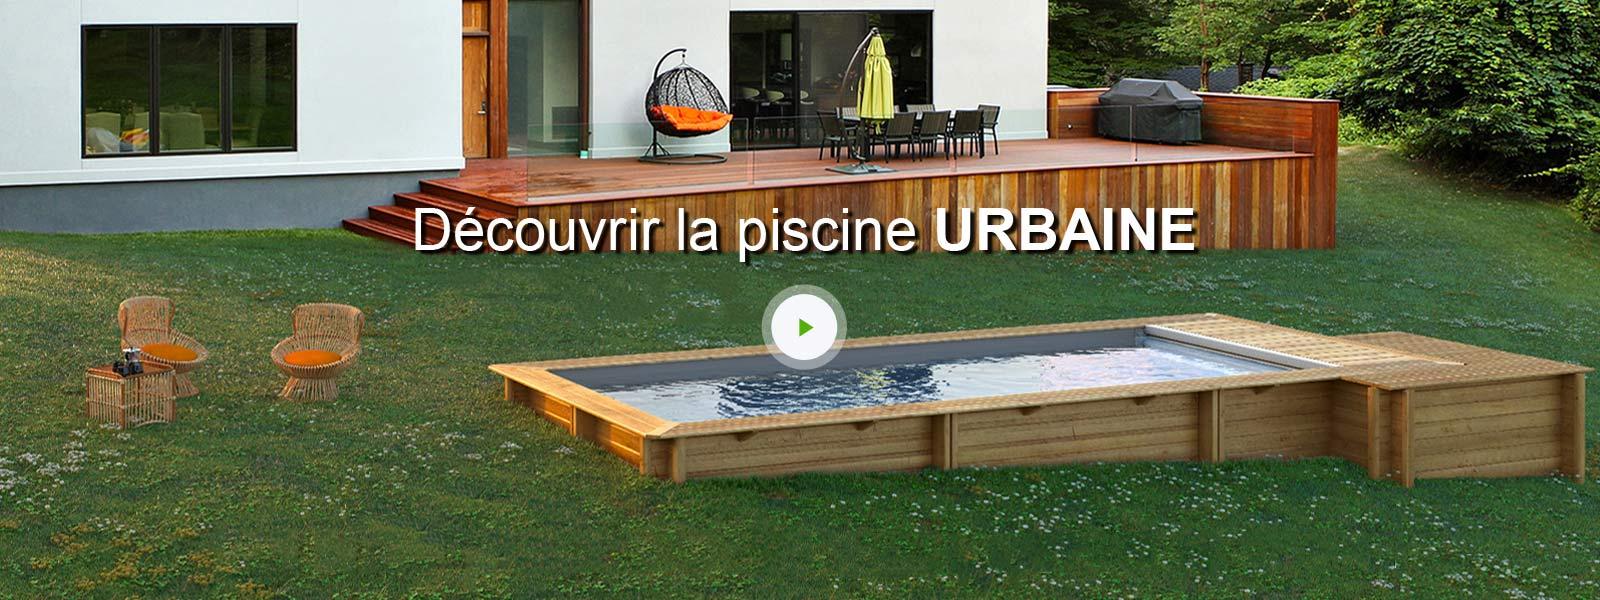 Piscine hors sol bois urbaine proswell by procopi l 6 x l for Piscine urbaine leroy merlin